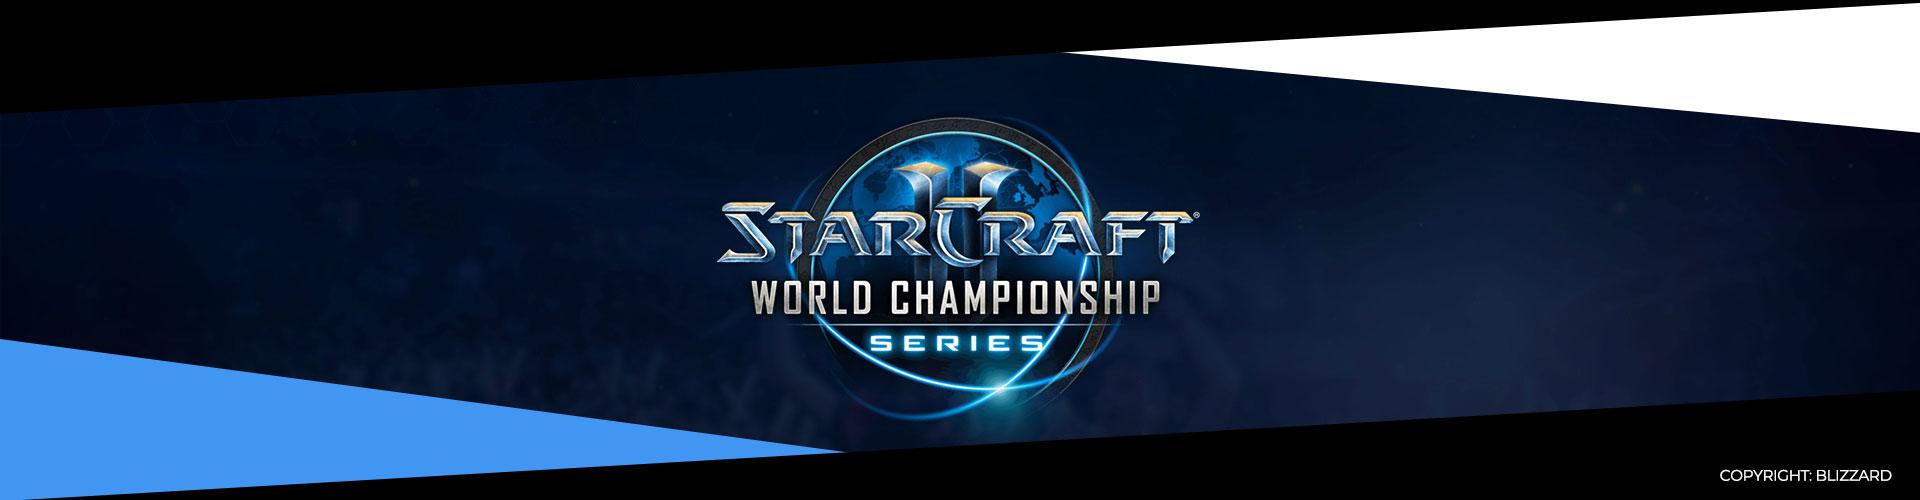 Eventsida för WCS Global Finals i Starcraft 2.